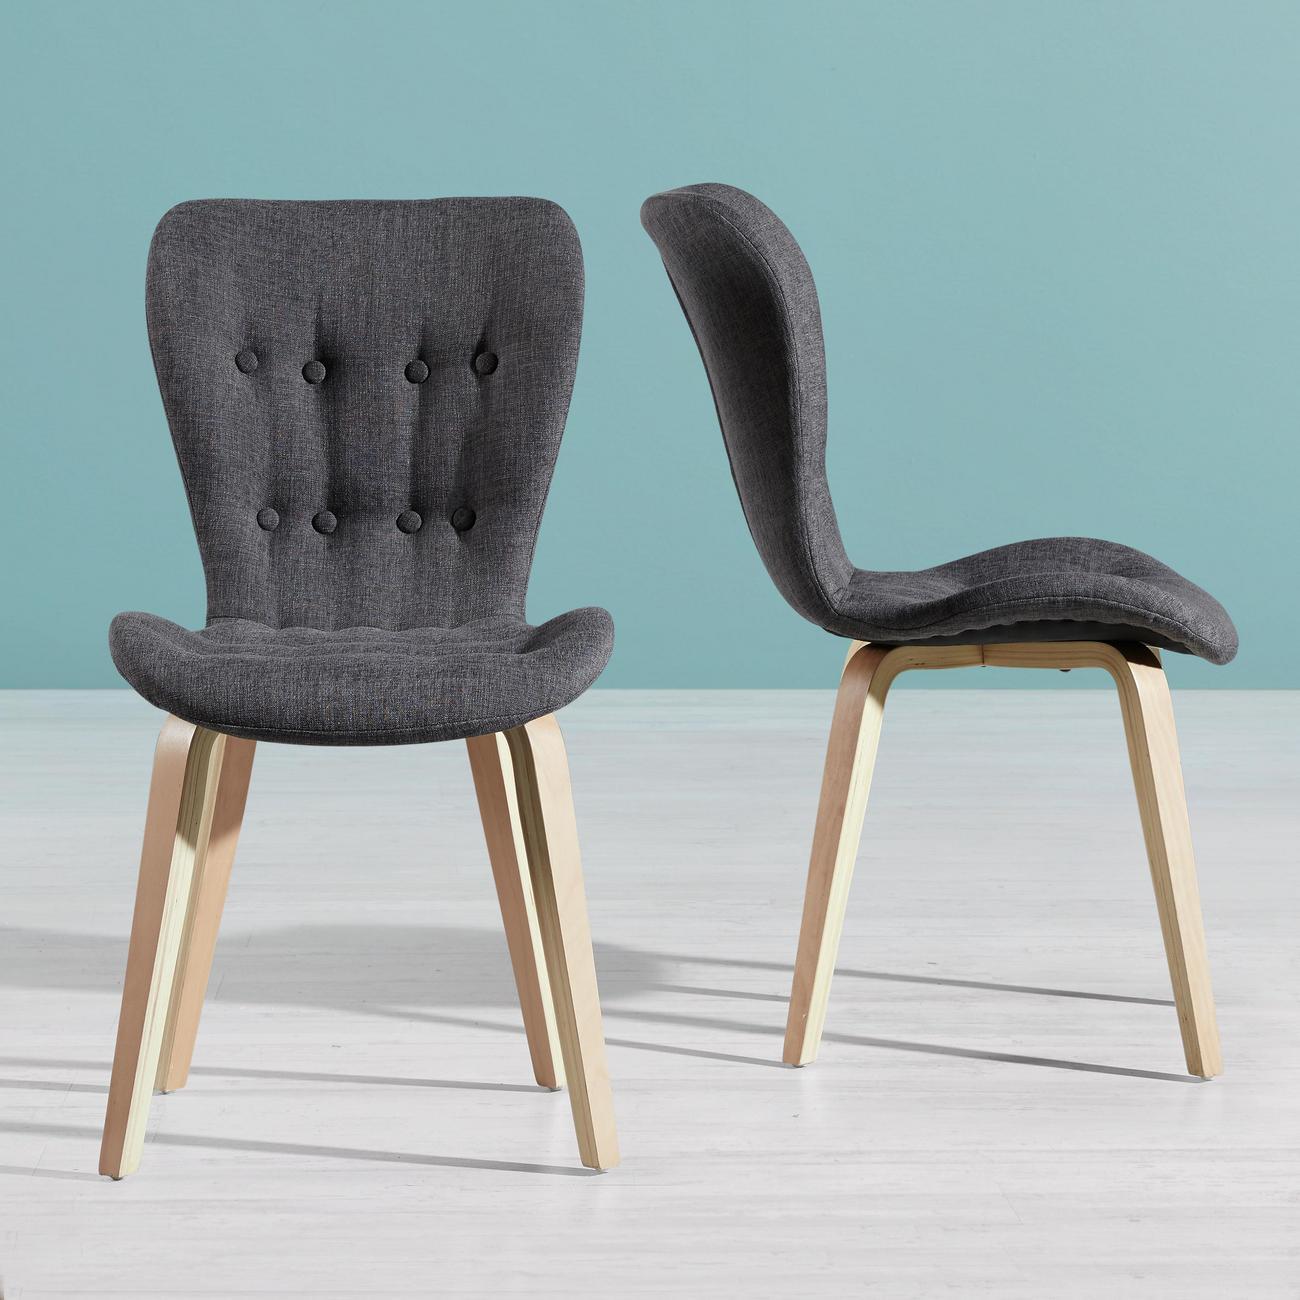 [moemax.at] Stolica Jaque za 24,90€ umjesto 59€